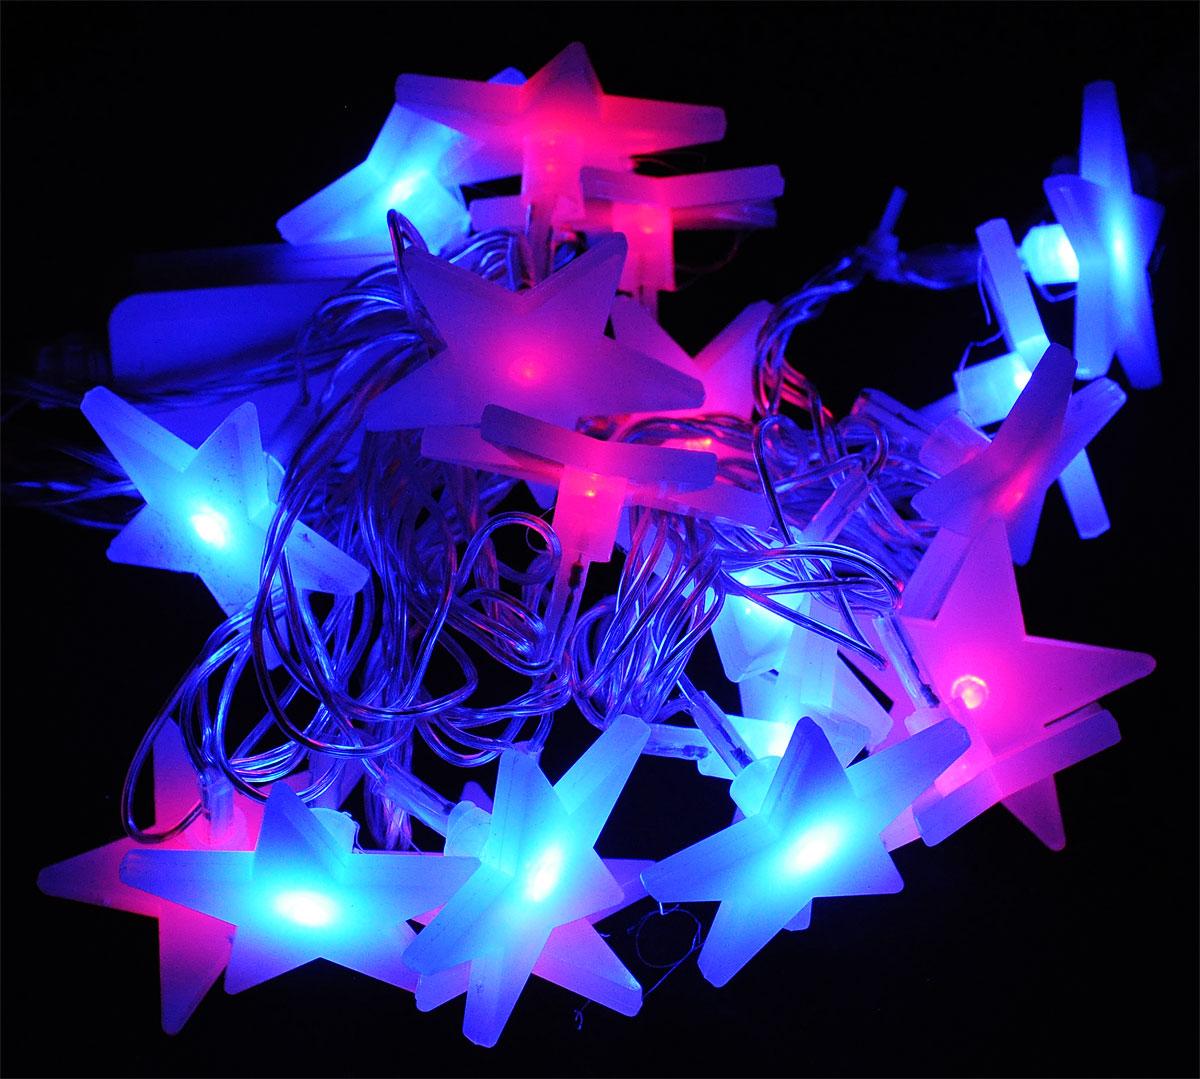 Электрогирлянда B&H Звезды, 20 двухцветных светодиодов, цвет: красный, синий, 2 мN11304Электрогирлянда B&H Звезды предназначена для декоративного внутреннего освещения. Изделие представляет собой гибкий провод, на котором расположены двухцветные светодиоды с насадками в форме звездочек. Гирлянда яркая и долговечная, имеет маленькое энергопотребление (в 10 раз меньше, чем у гирлянд с микролампами и минилампами).Двухцветные светодиоды поочередно меняют цвет свечения с красного на синий, а матовая насадка делает переход цвета более мягким, придавая свечению нежный пастельный оттенок.Все гирлянды серии System IN последовательно подключаются между собой с помощью специальных коннекторов. Цепочка гирлянд может быть удлинена до 2000 светодиодов (можно соединить несколько разных гирлянд), что позволит, используя всего одну розетку, украсить целое помещение.Создайте в своем доме атмосферу веселья и радости, украшая новогоднюю елку яркими светодиодными гирляндами.Расстояние между светодиодами: 10 см.Размер лампы: 4,5 х 4,5 см.